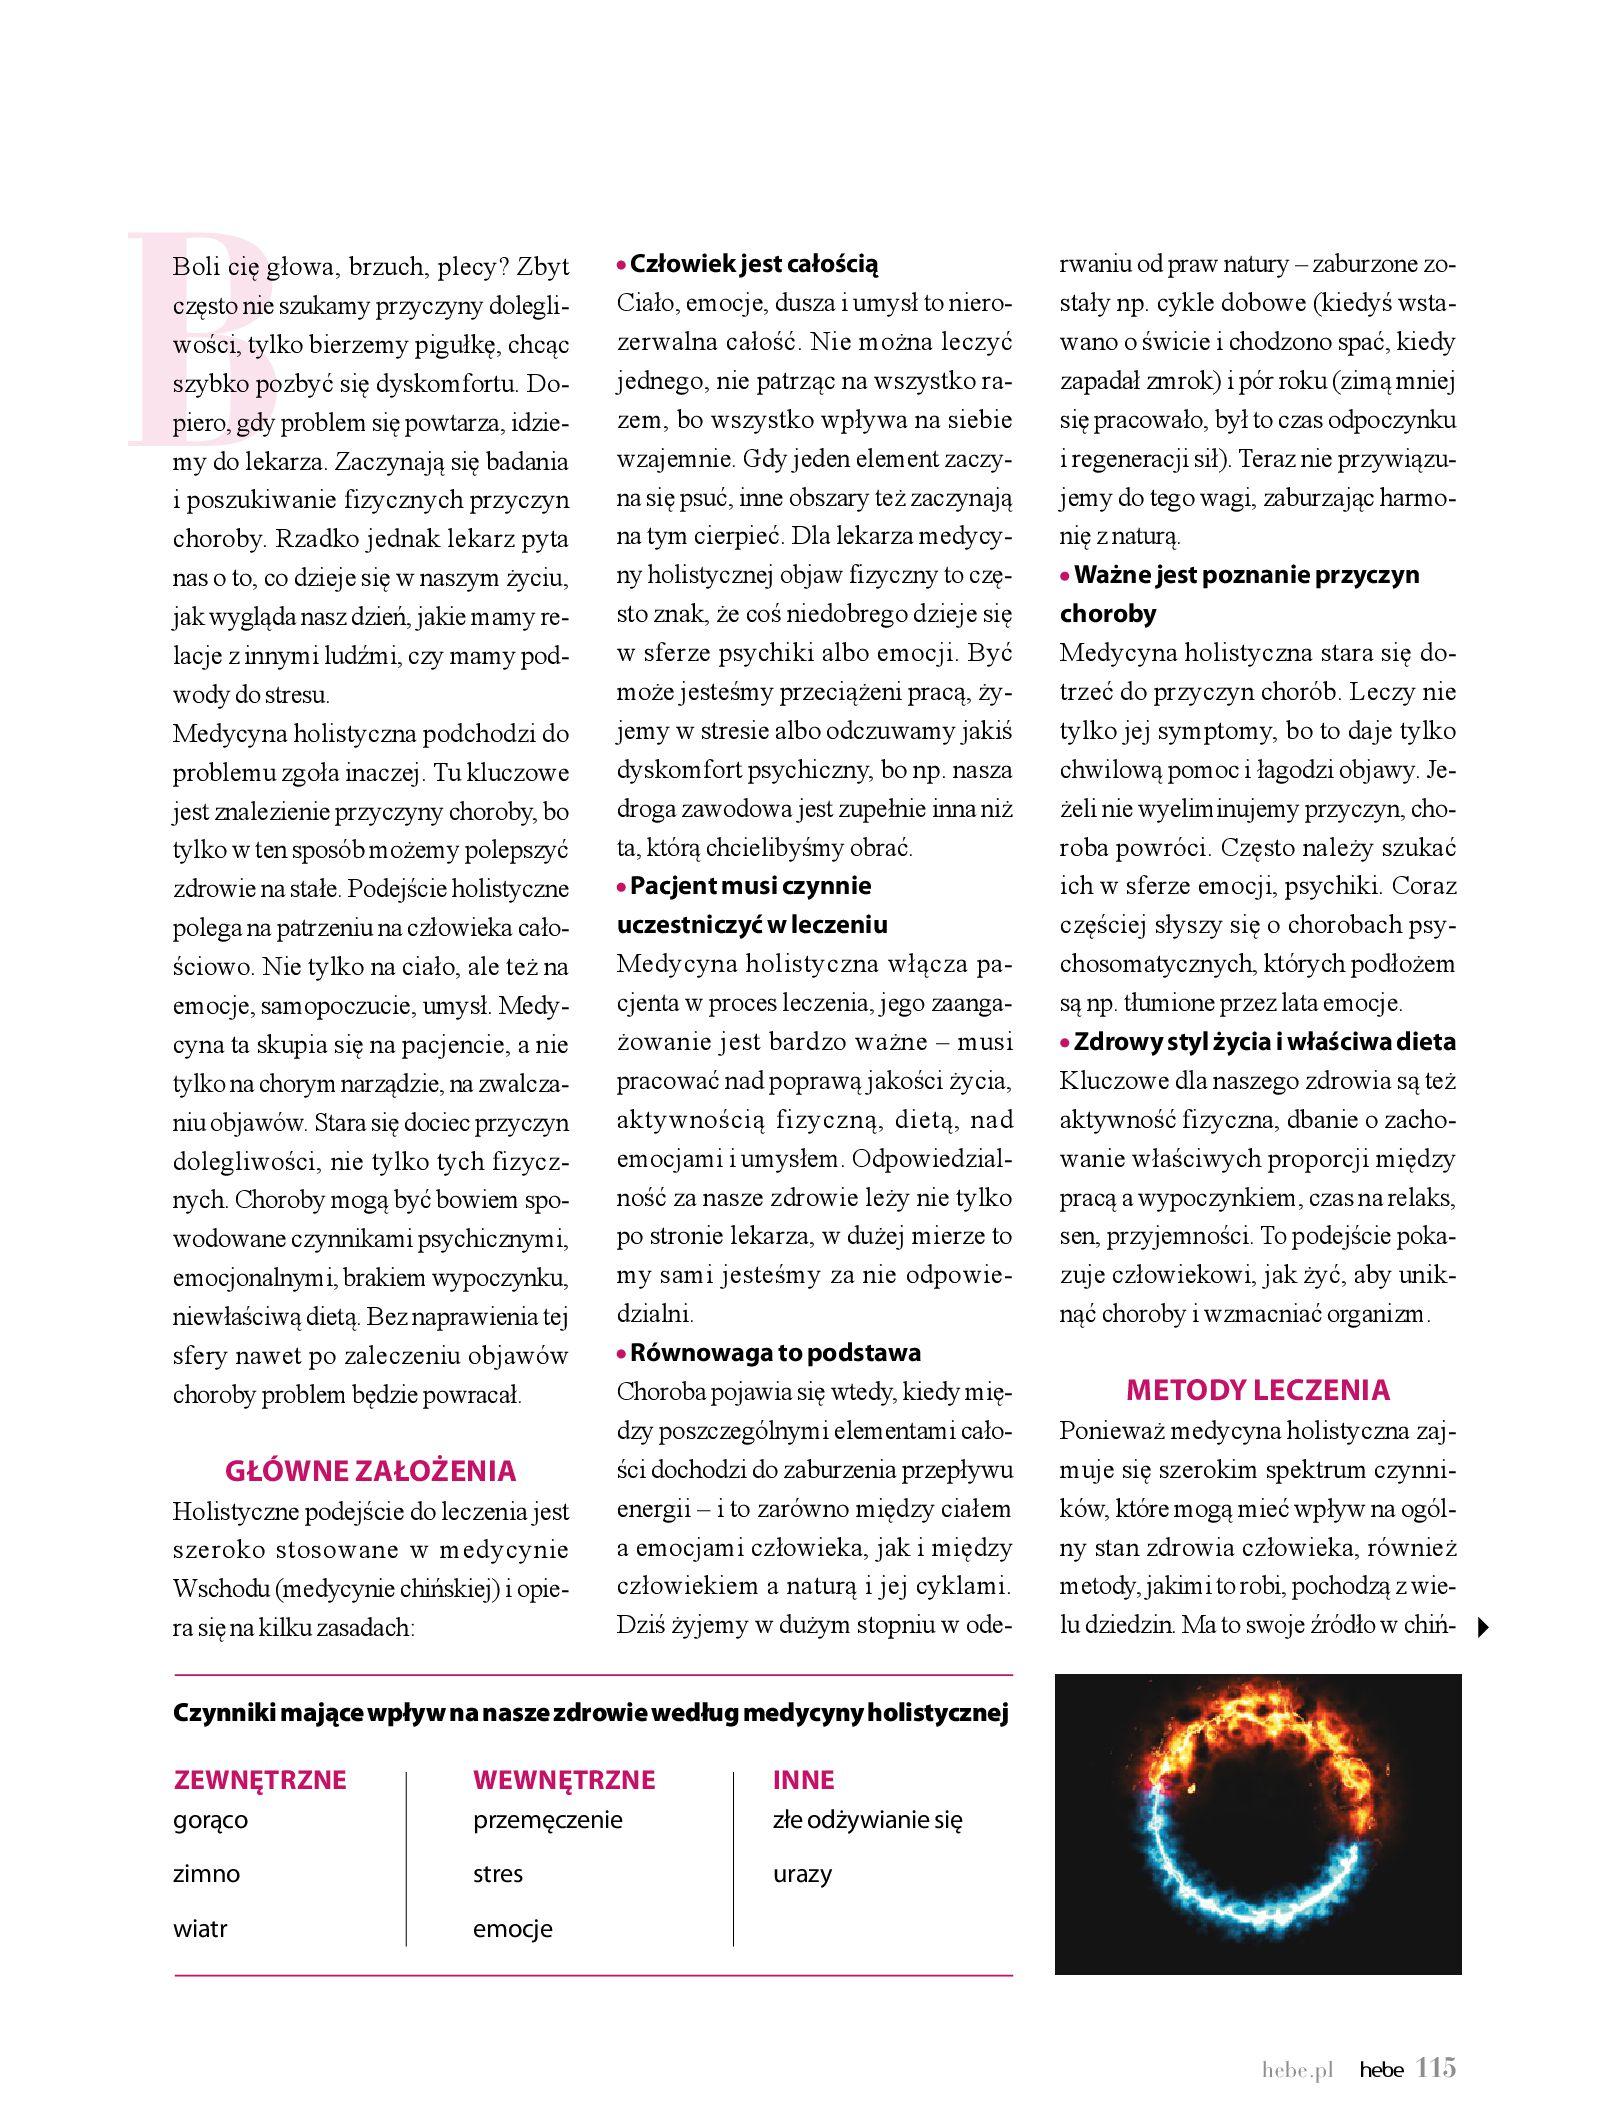 Gazetka hebe: Gazetka Hebe - Magazyn  2021-05-01 page-115